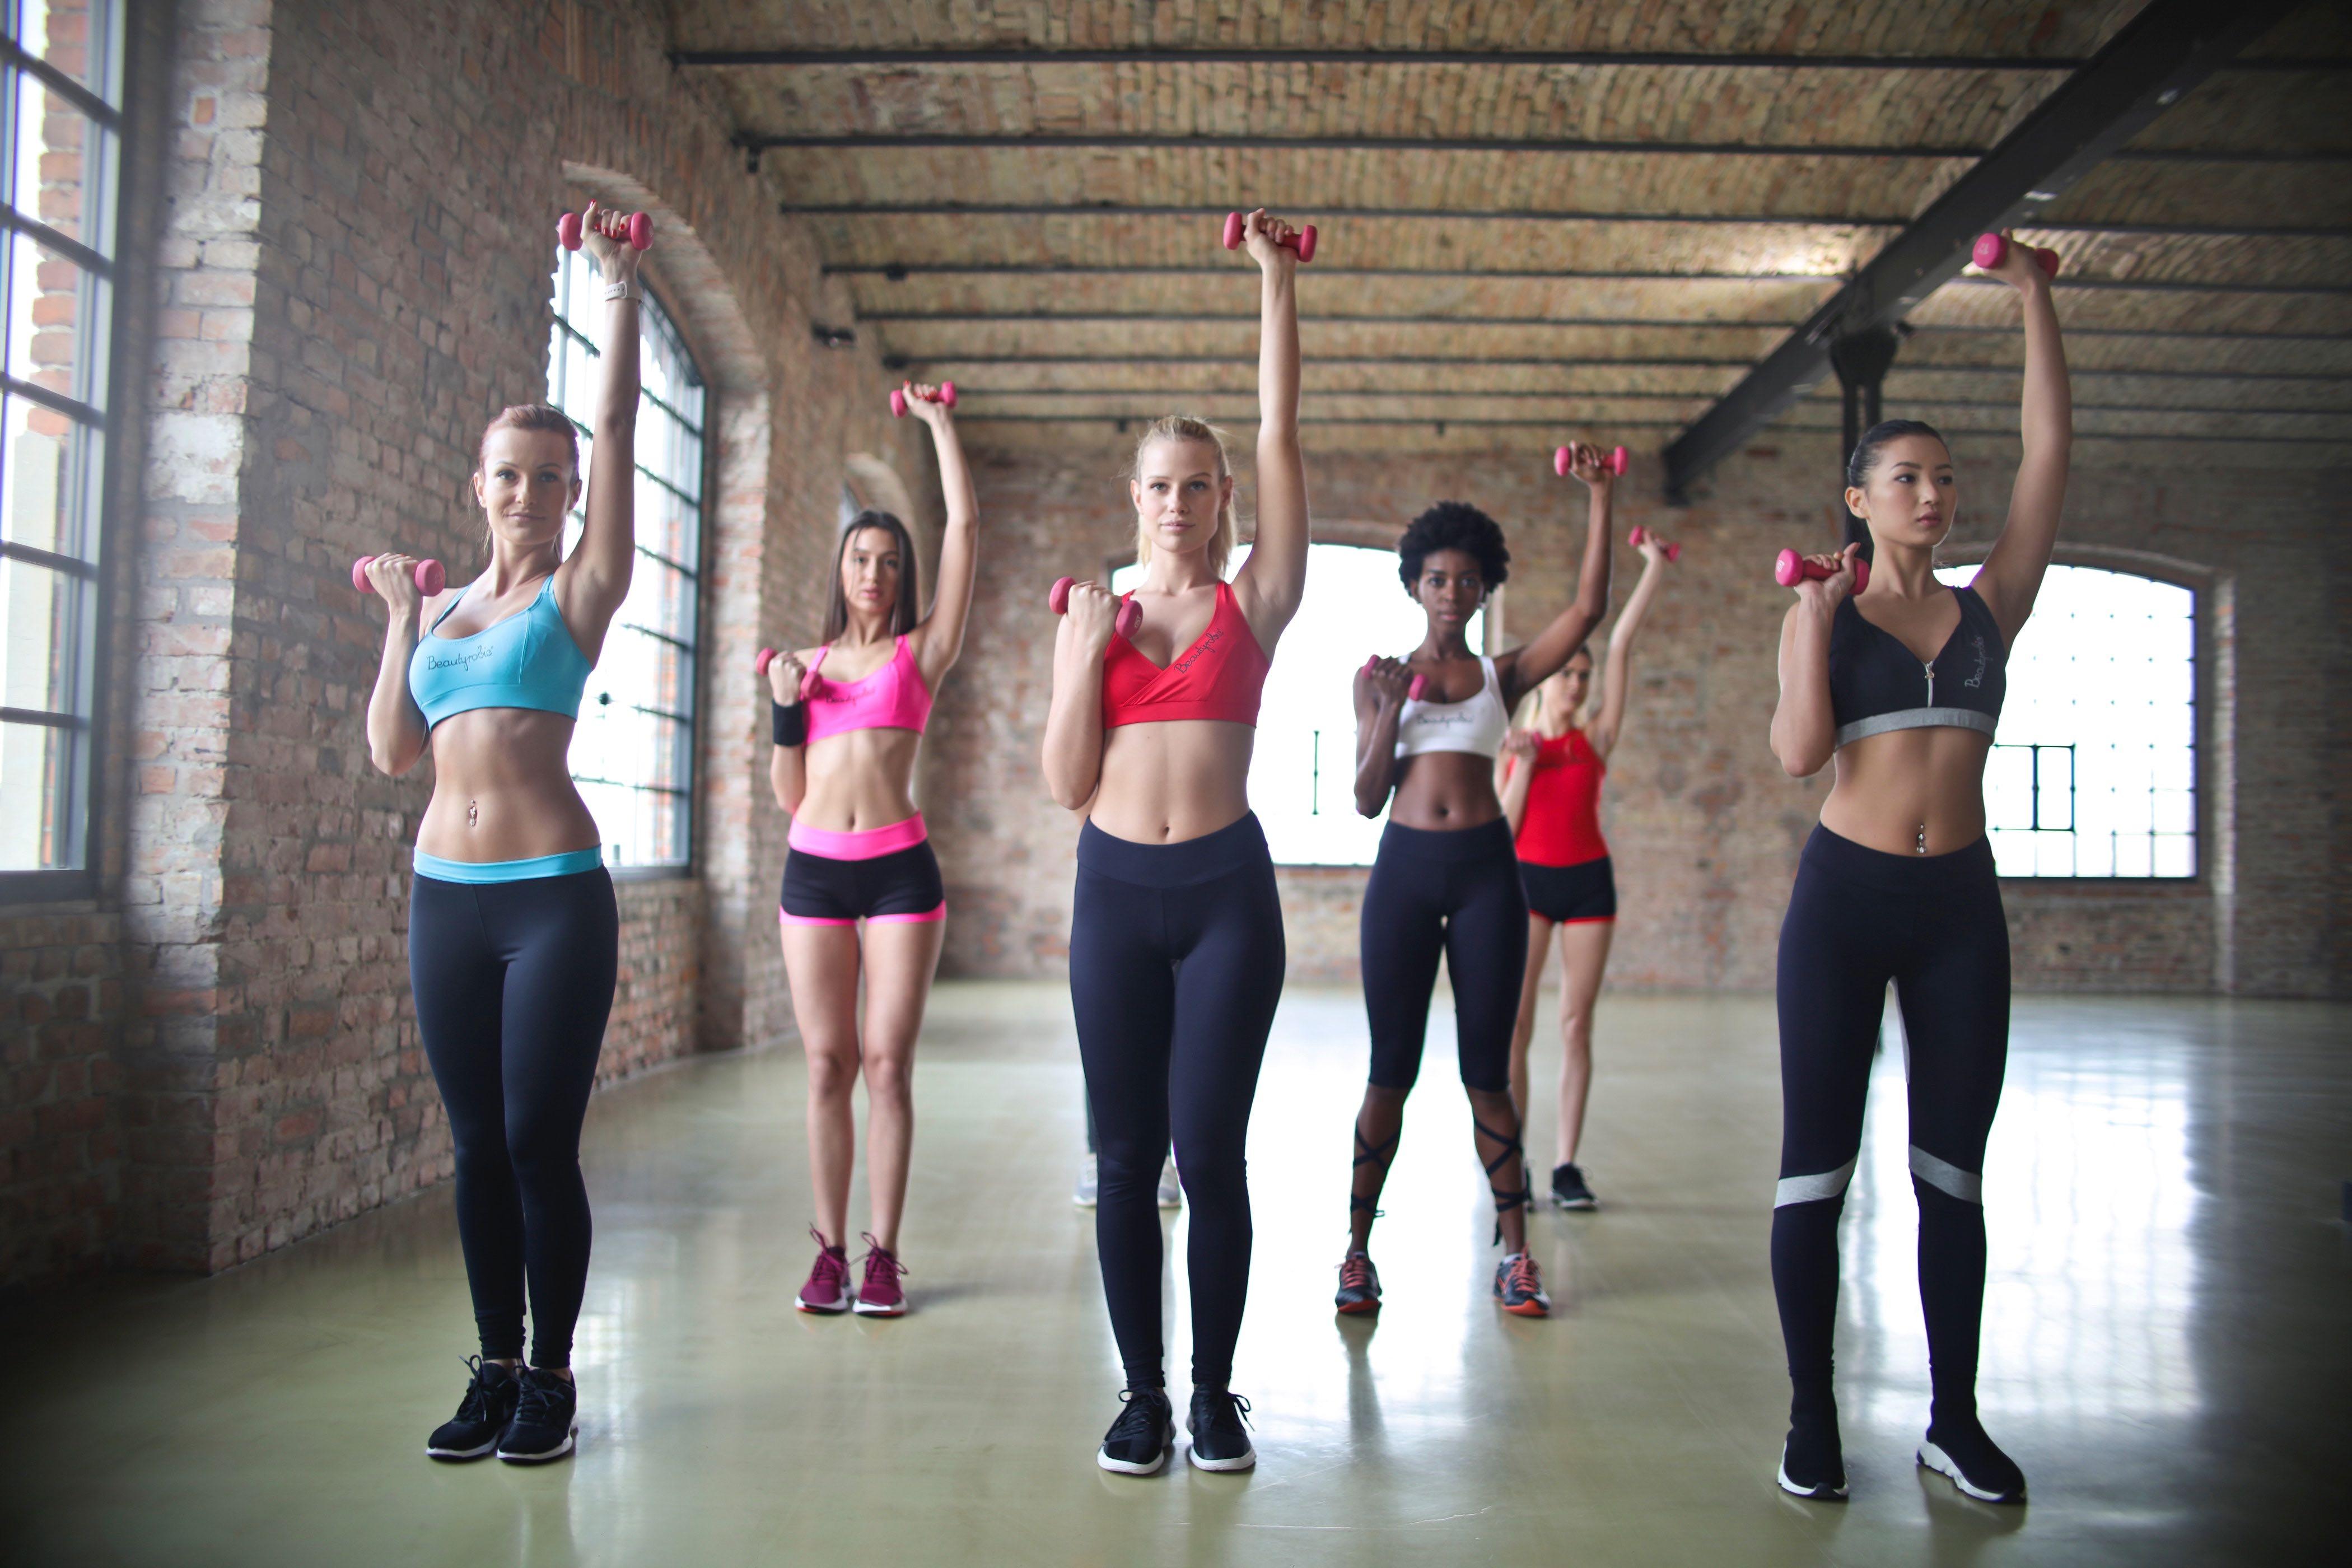 4 ideas sencillas de outfits para ir al gym y hacer ejercicio cómodamente